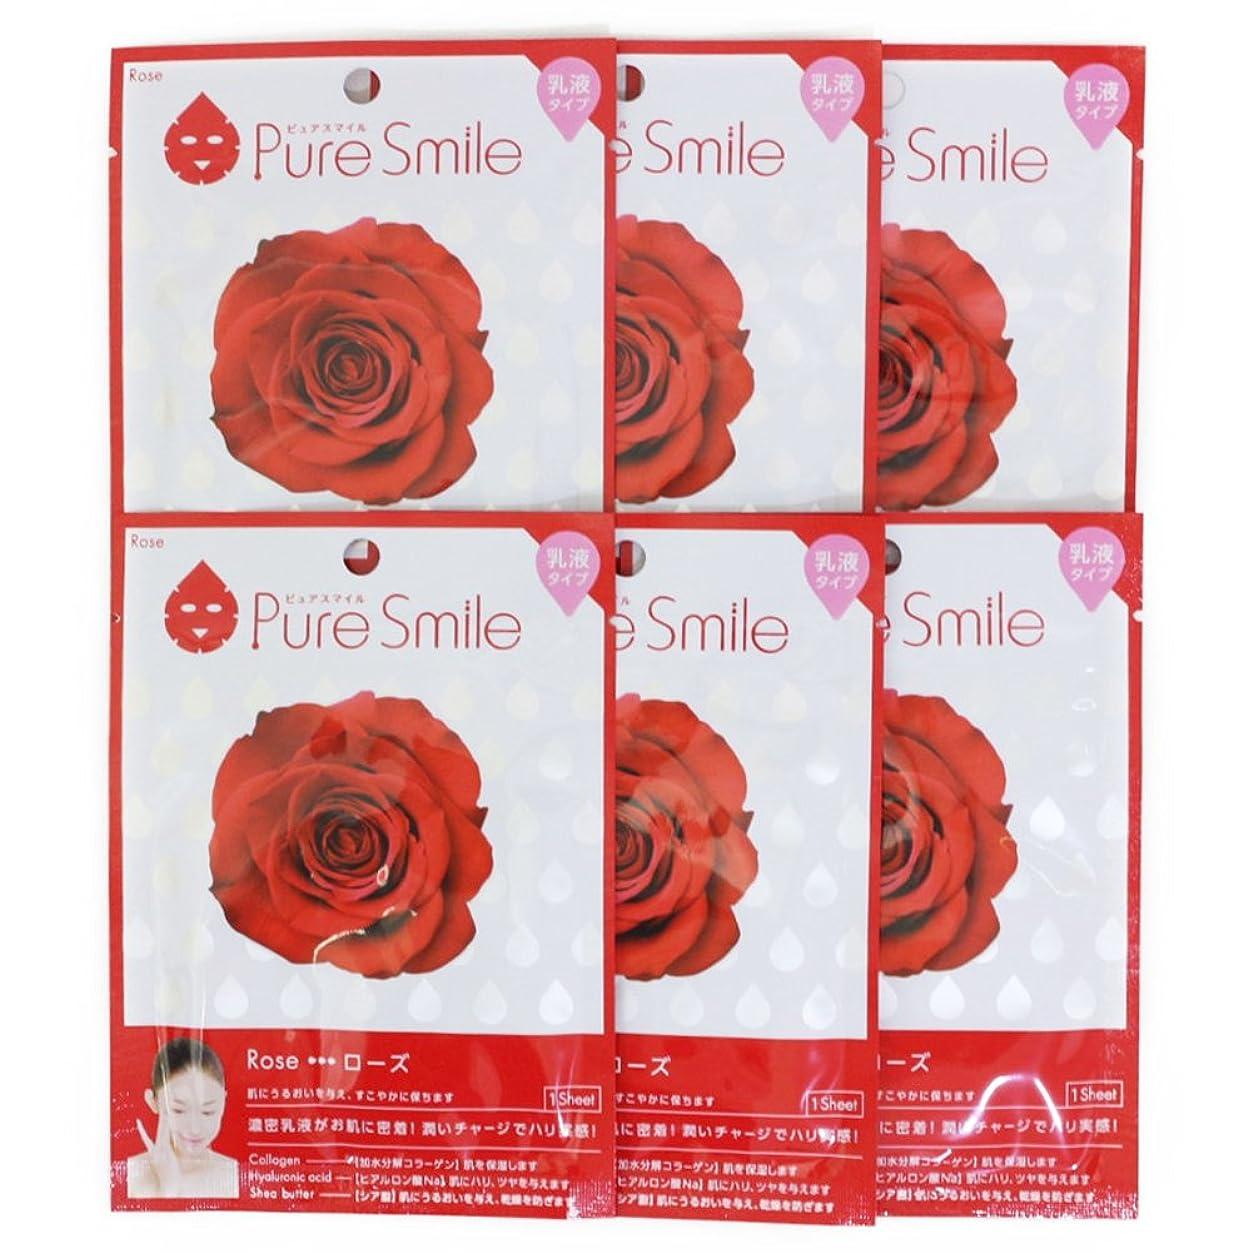 ファームシェーバー供給Pure Smile ピュアスマイル 乳液エッセンスマスク ローズ 6枚セット